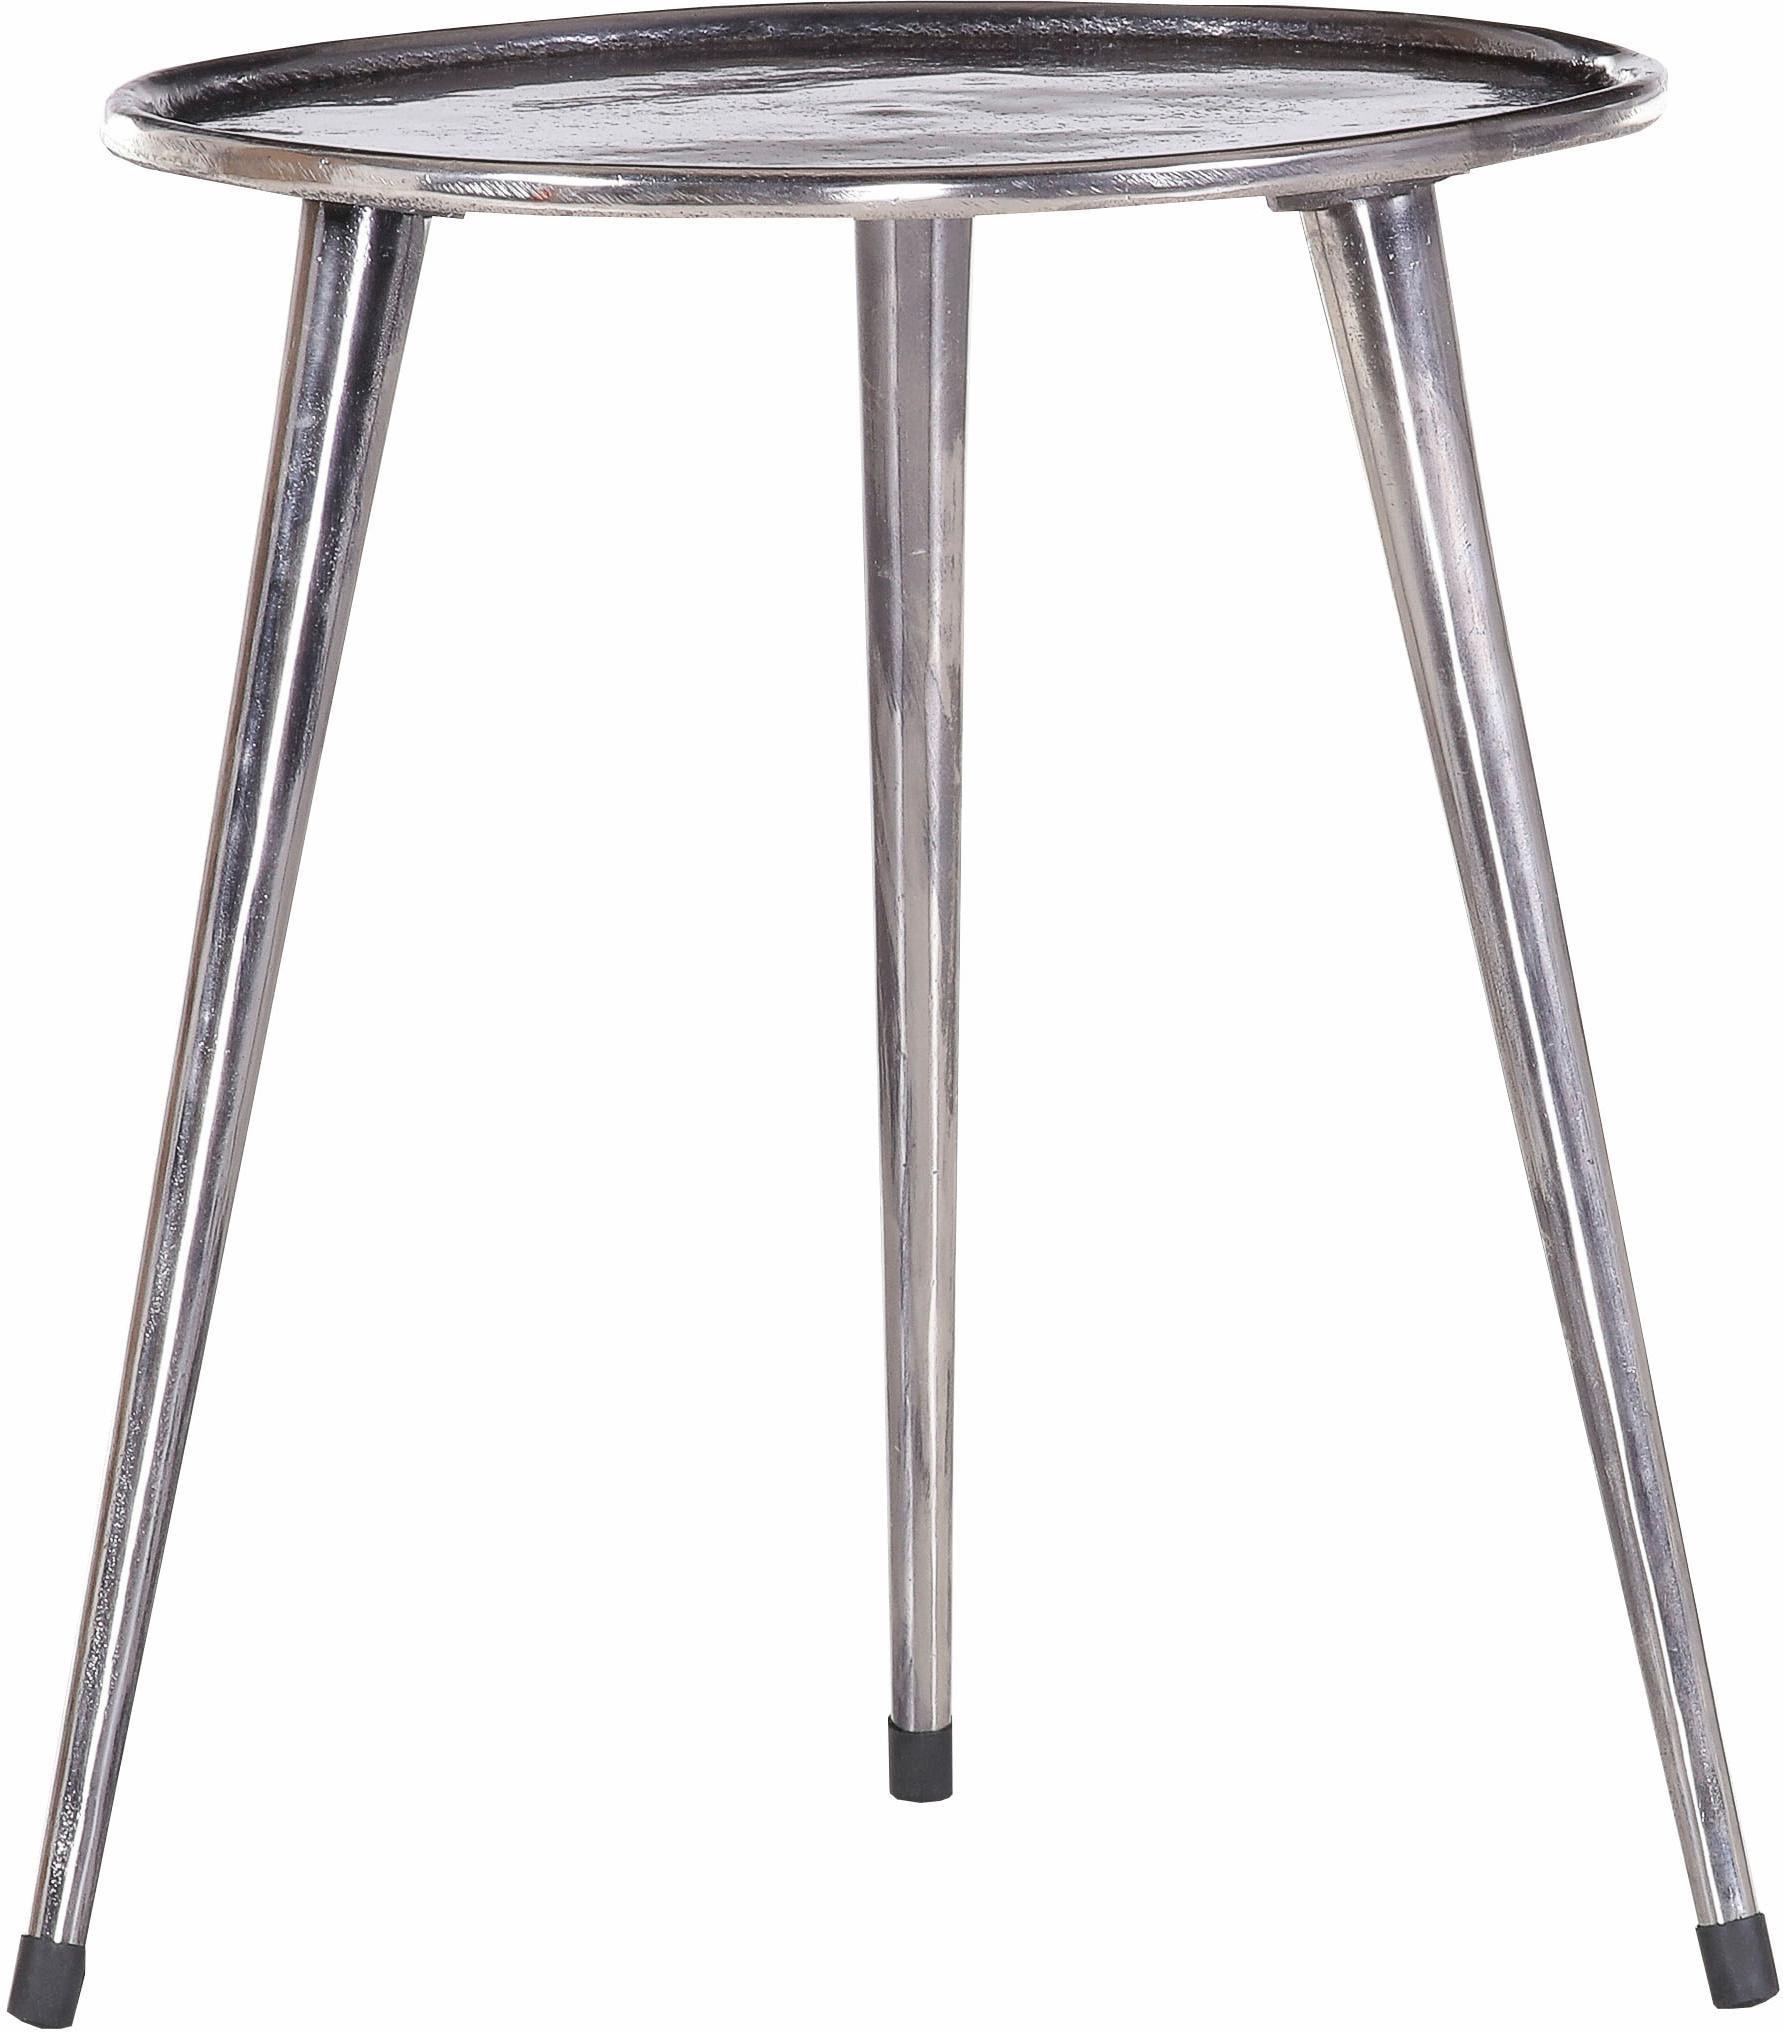 Gutmann Factory Beistelltisch Mix&Match, mit 3 Beinen aus Aluminium schwarz Beistelltische Tische